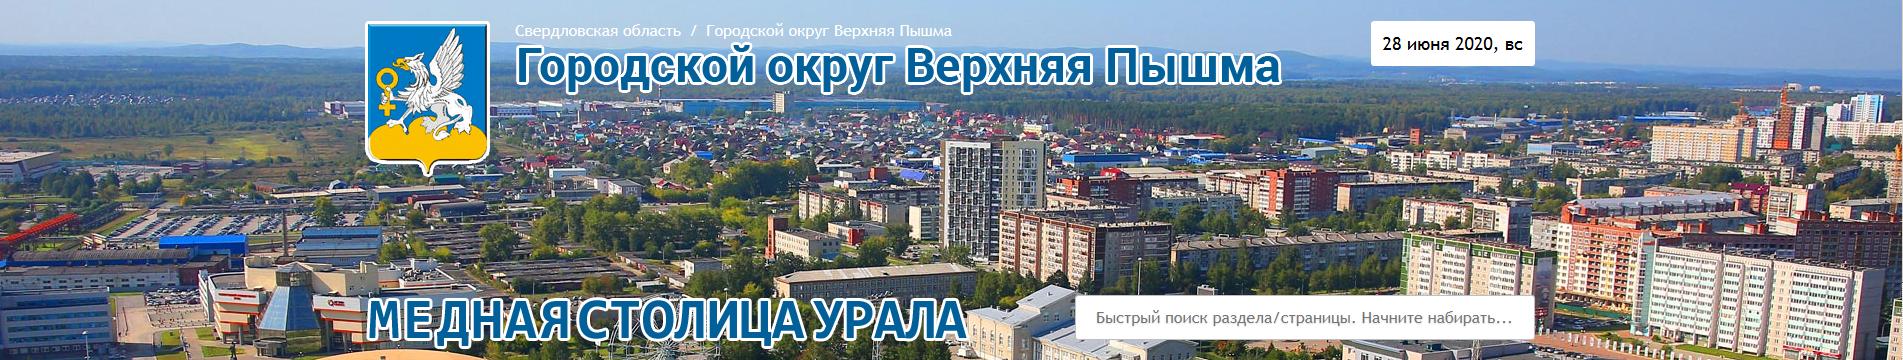 Городской округ Верхняя Пышма